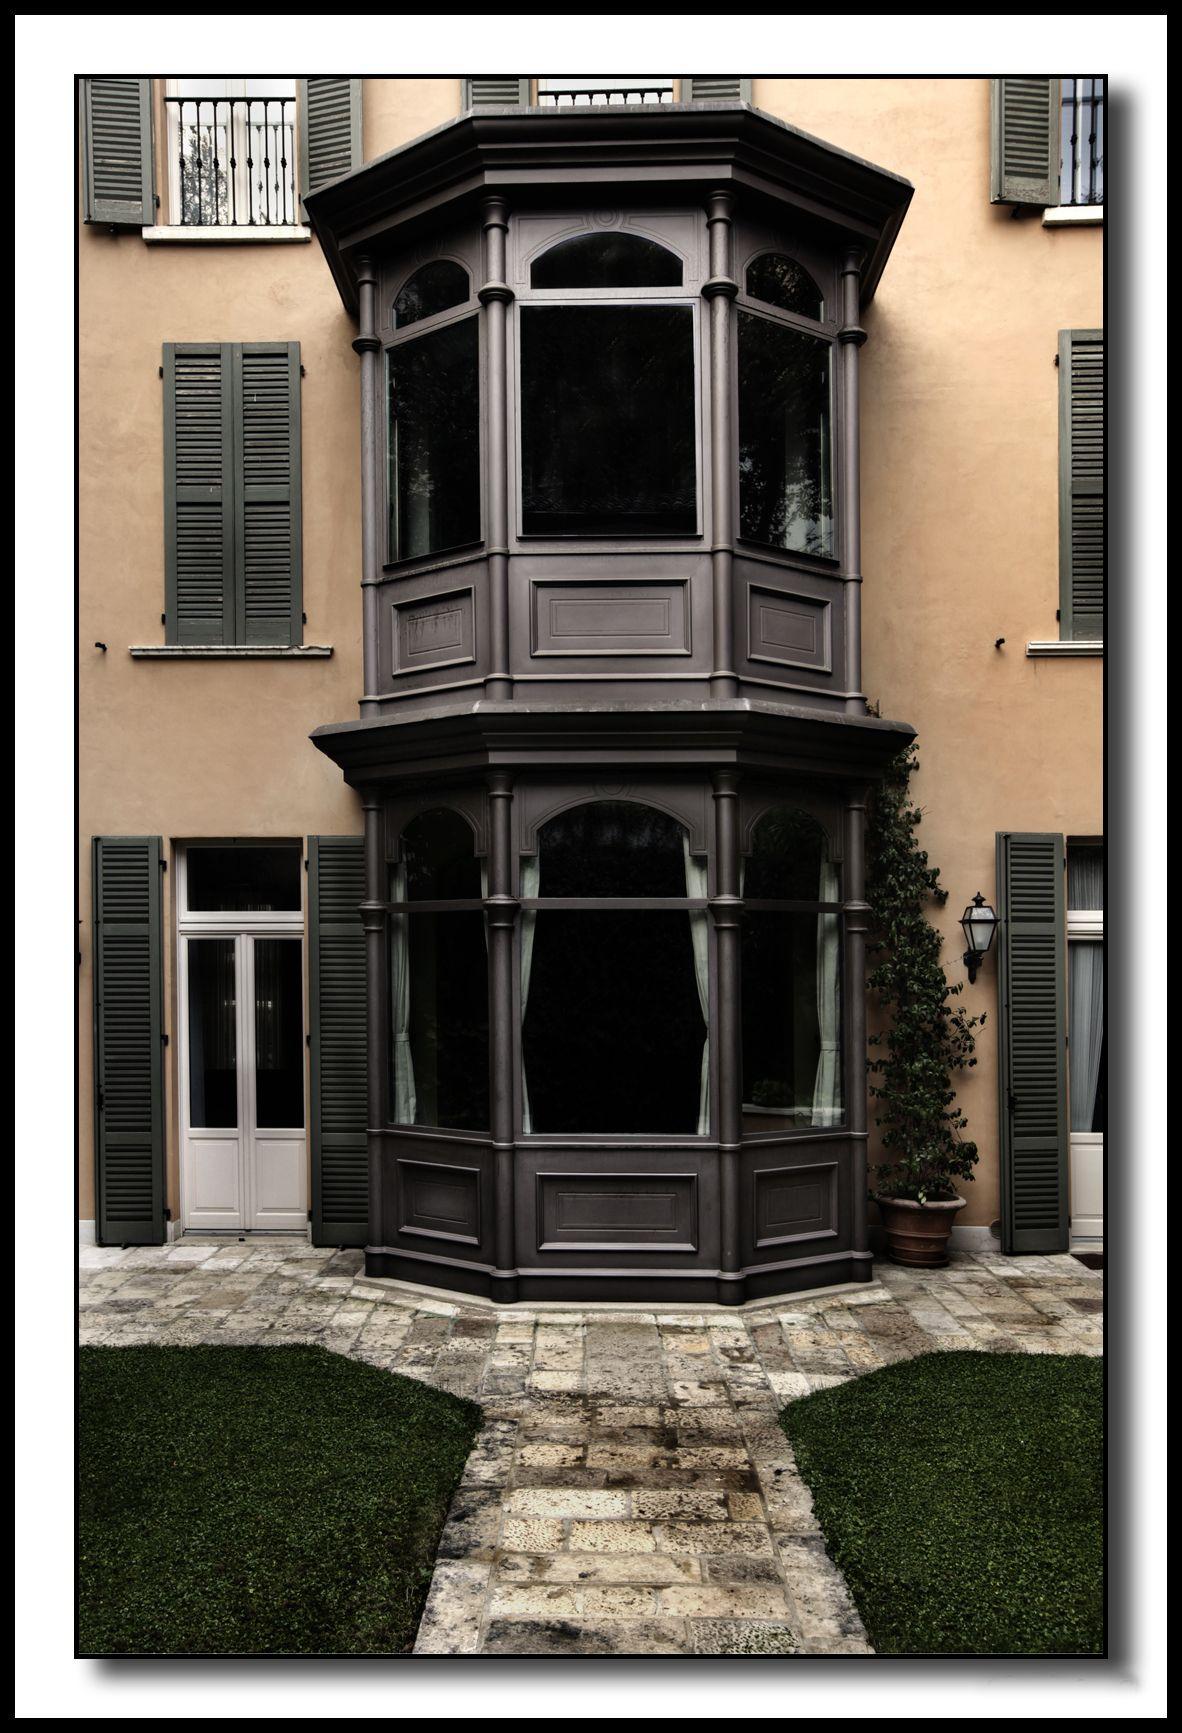 Complementi di arredo moderno bow window in ferro for Complementi d arredo moderno